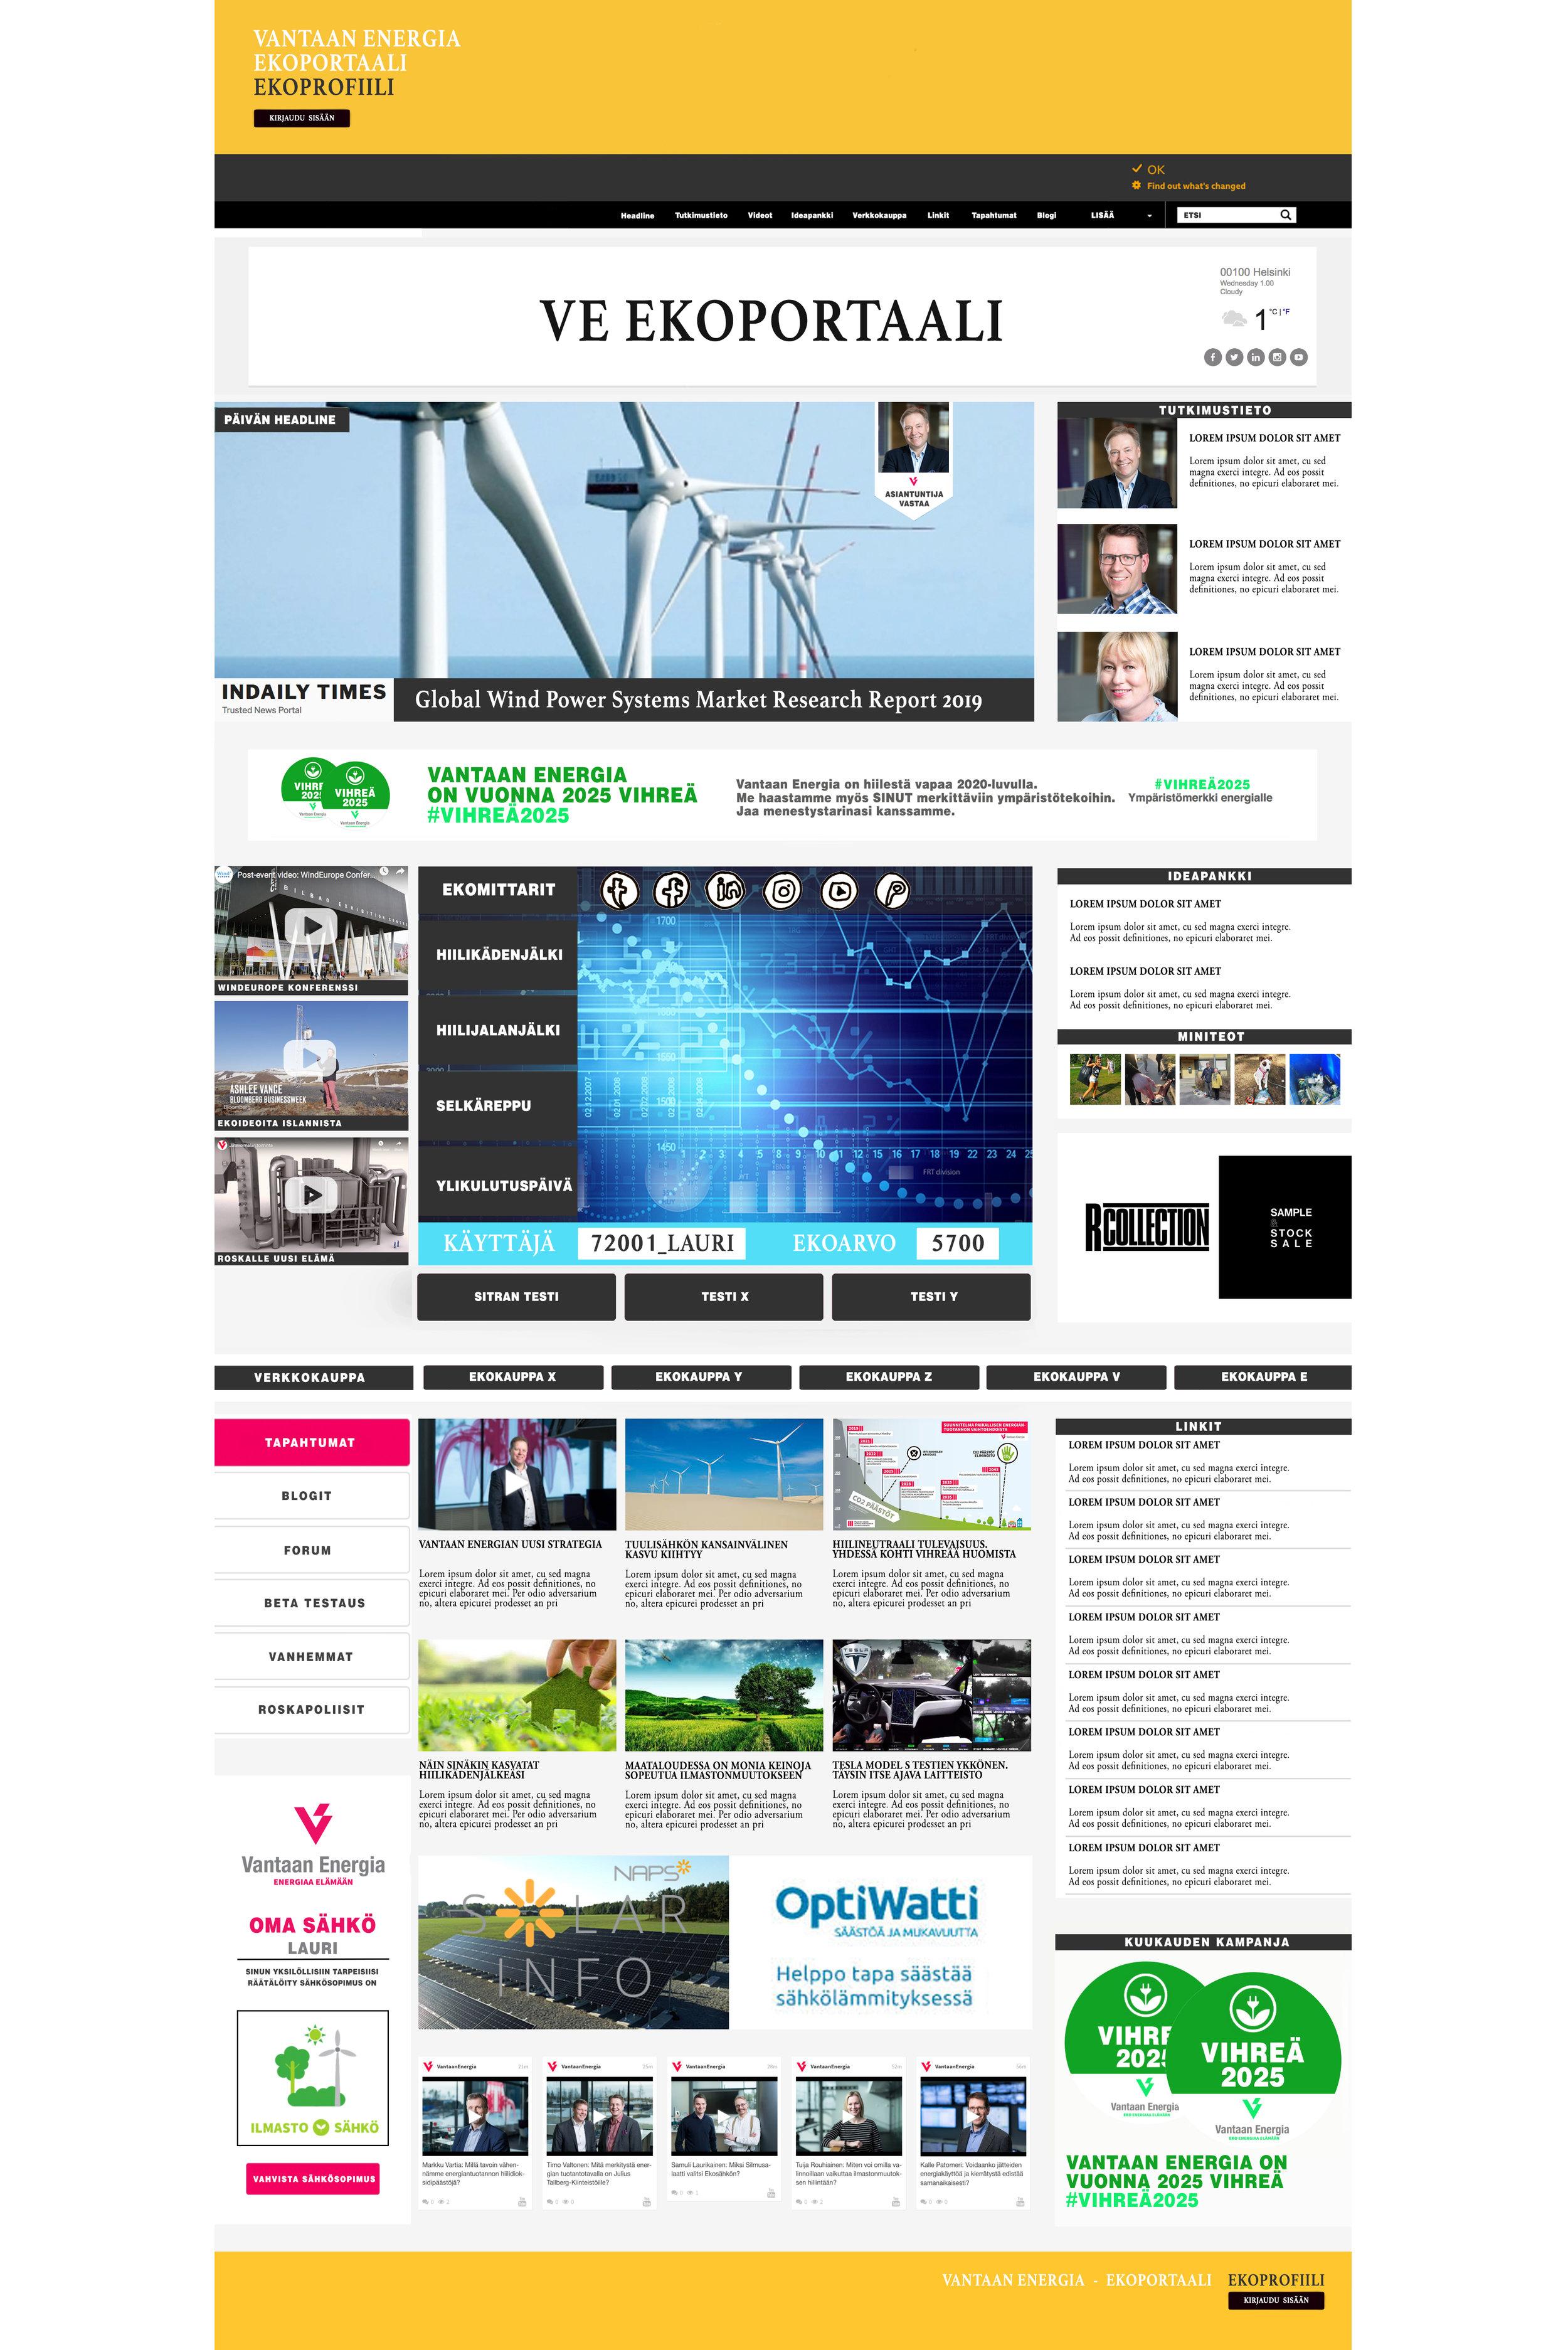 eko- energiaportaali final v11 ekomittarit.jpg